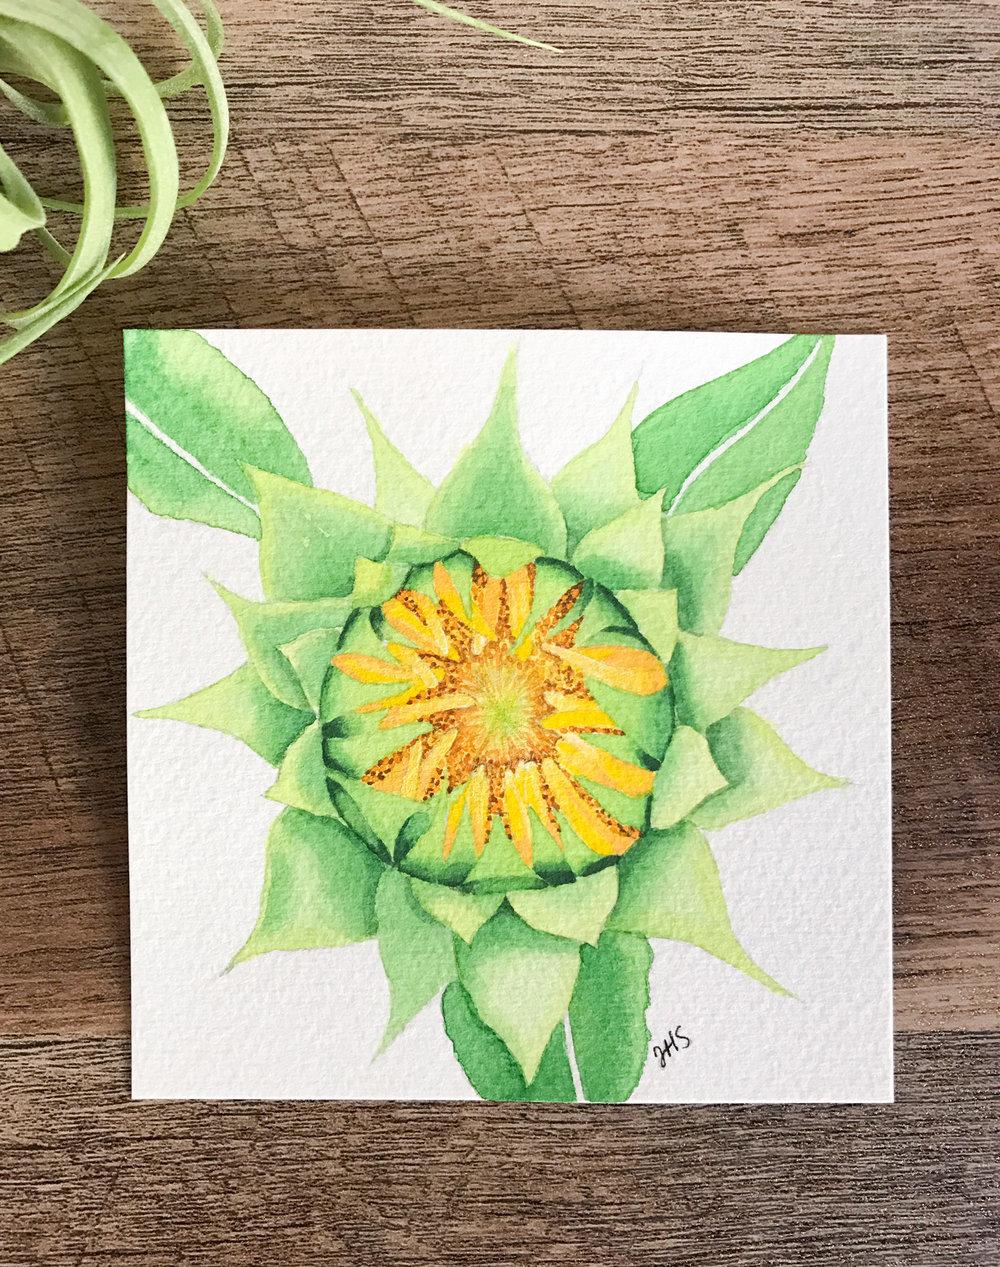 91-Sunflower-1.jpg